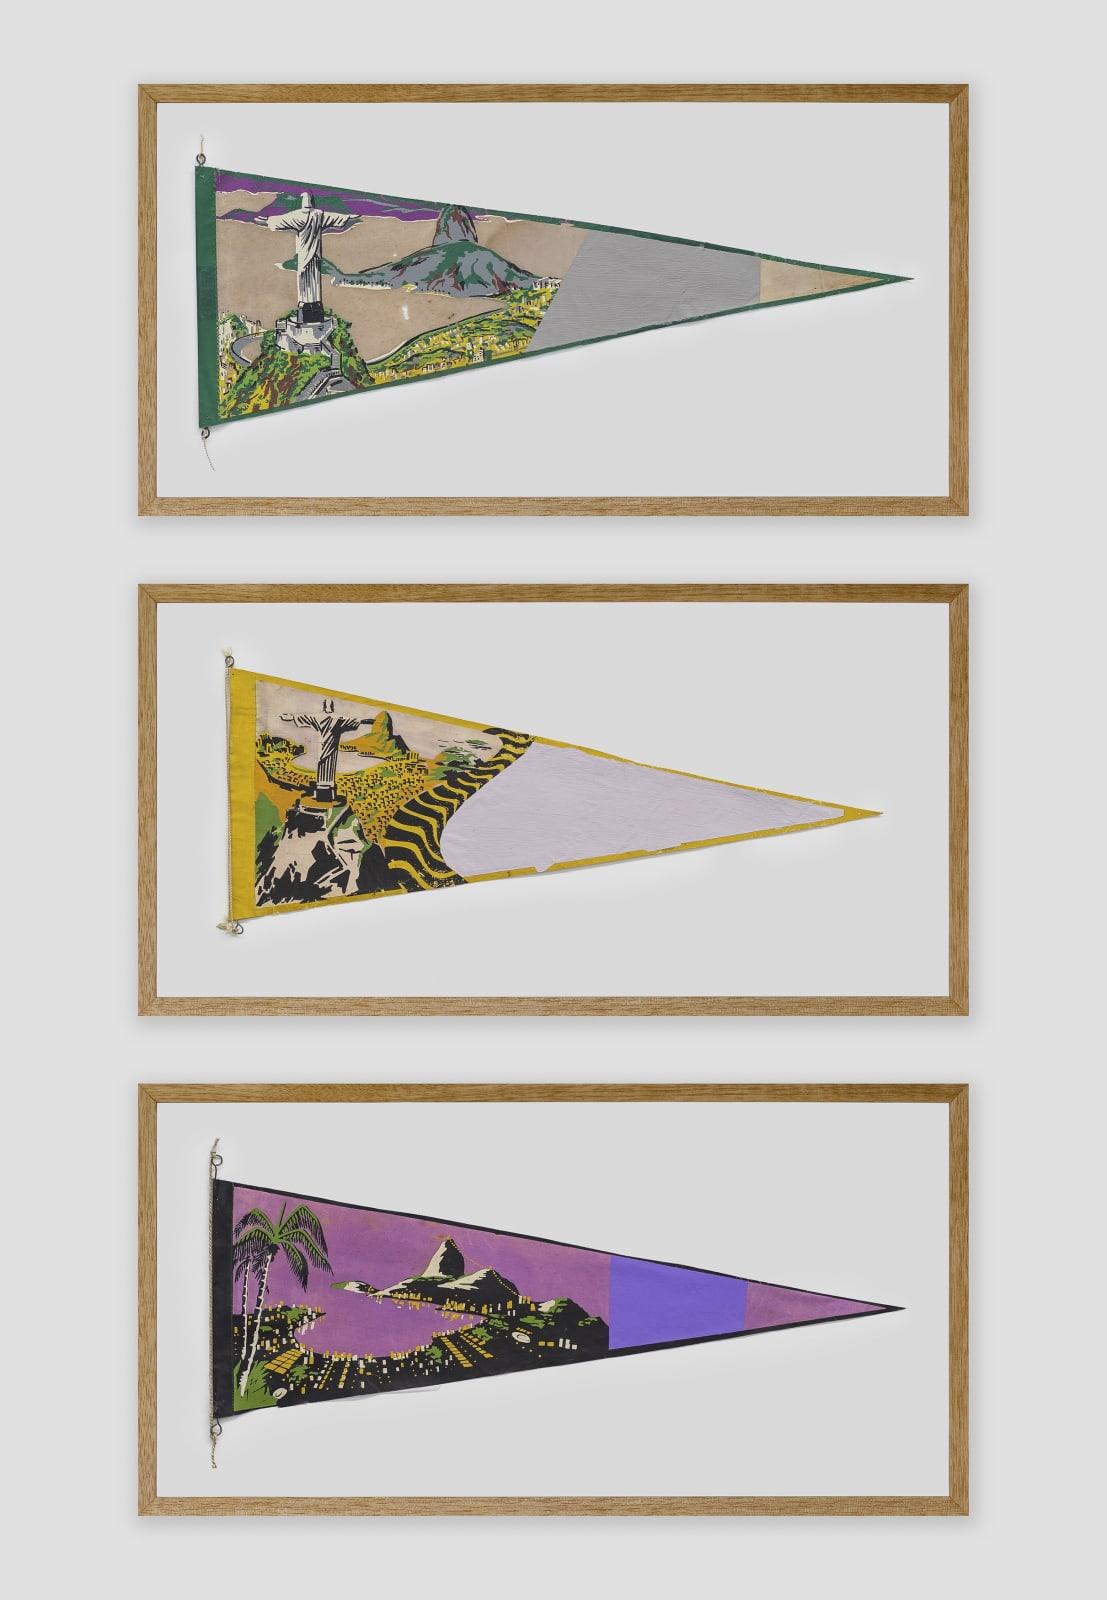 BRUNO FARIA Lembranças de Paisagem I Rio de Janeiro, 2020 Pintura e serigrafia sobre tecido, Tríptico 102 x 61,5 cm